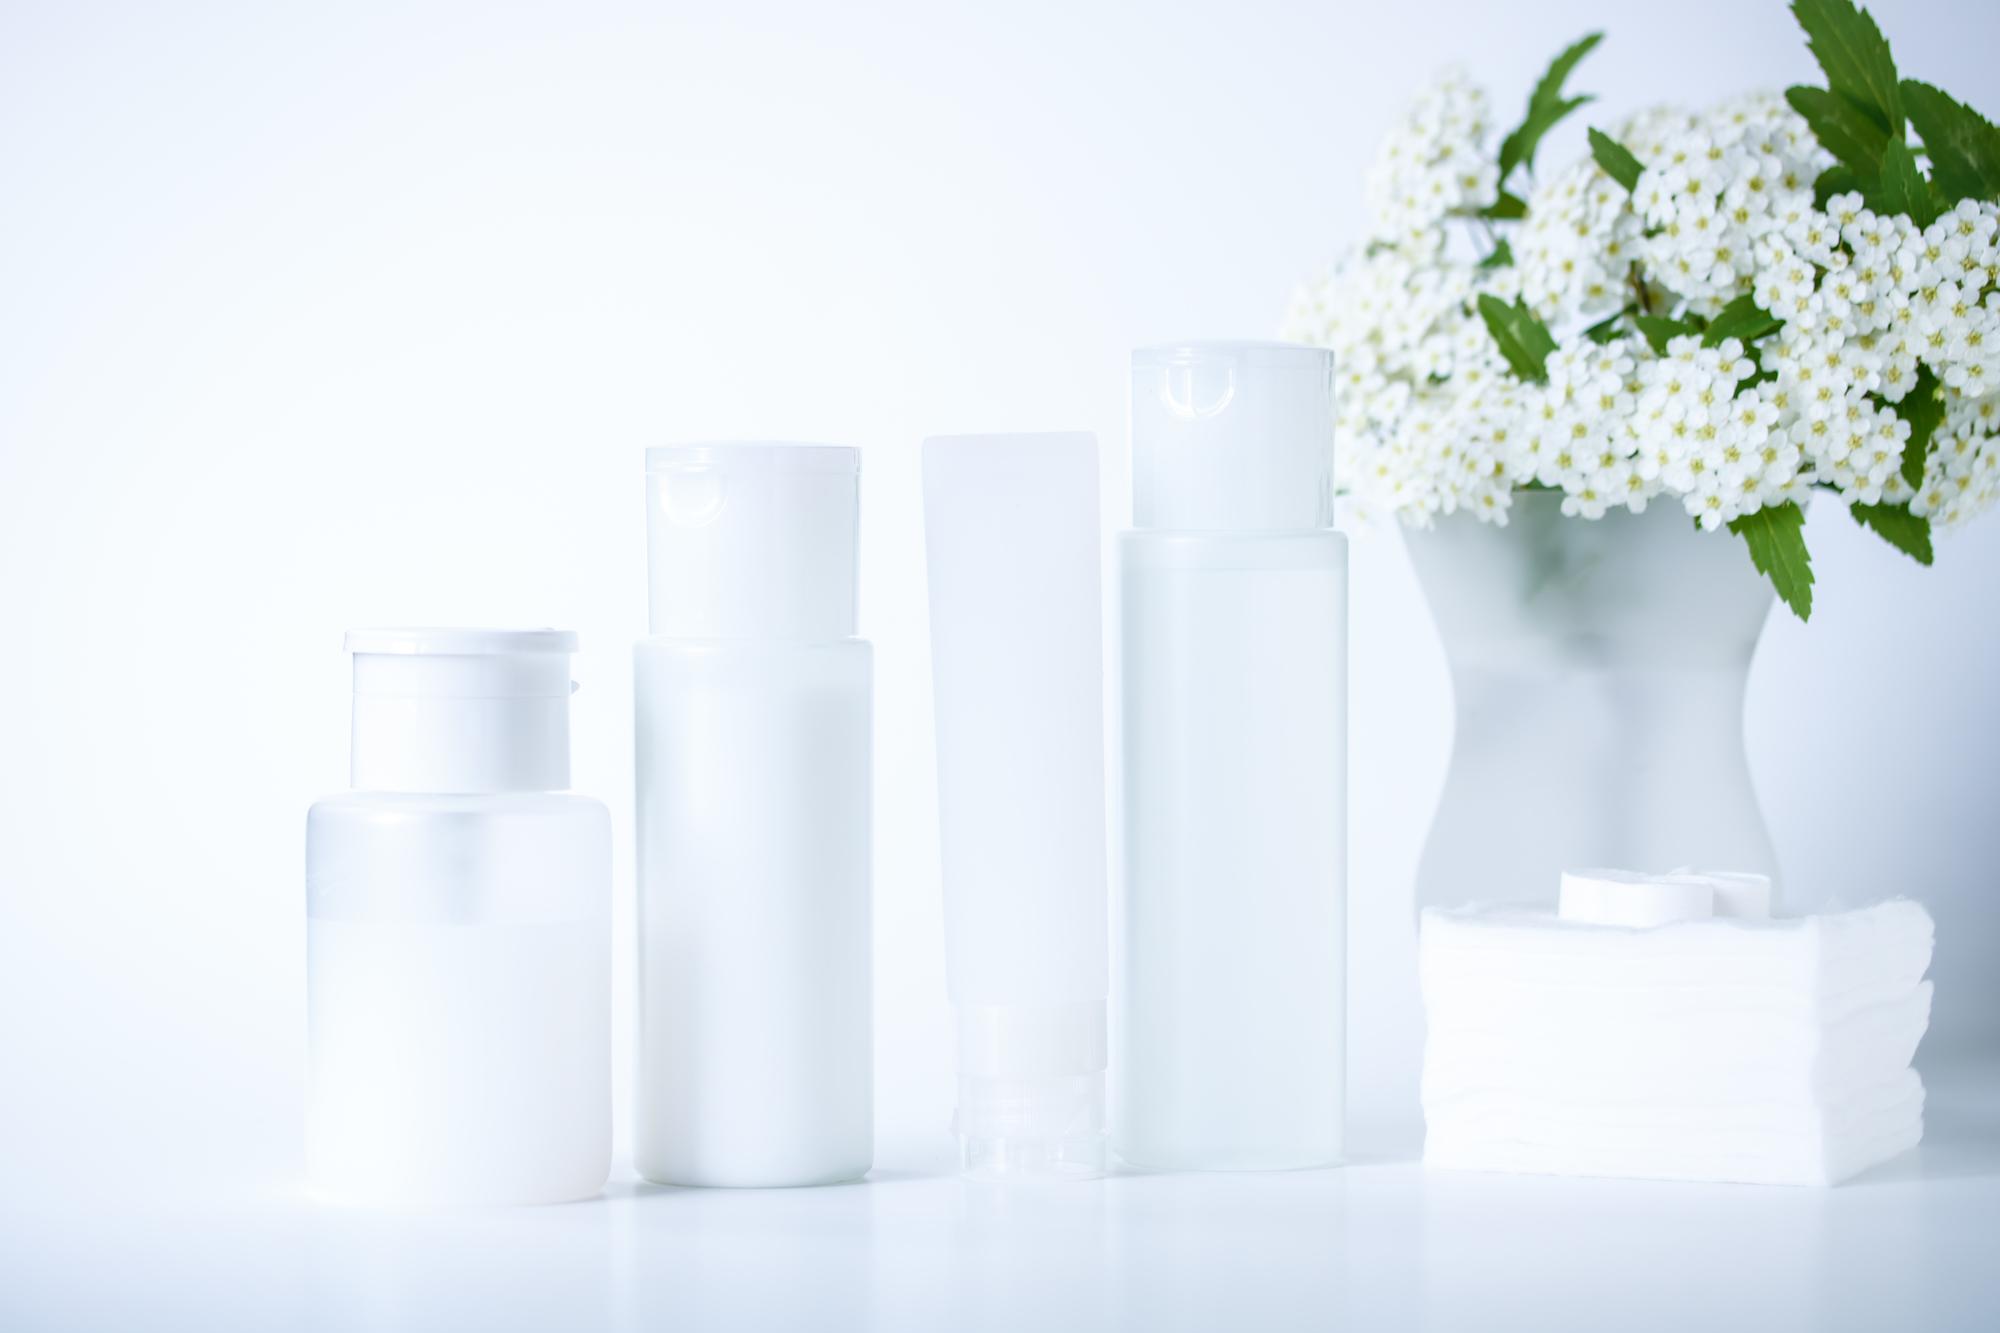 肌荒れのトラブルを保湿でリセット!保湿化粧水5選&効果的なスキンケア